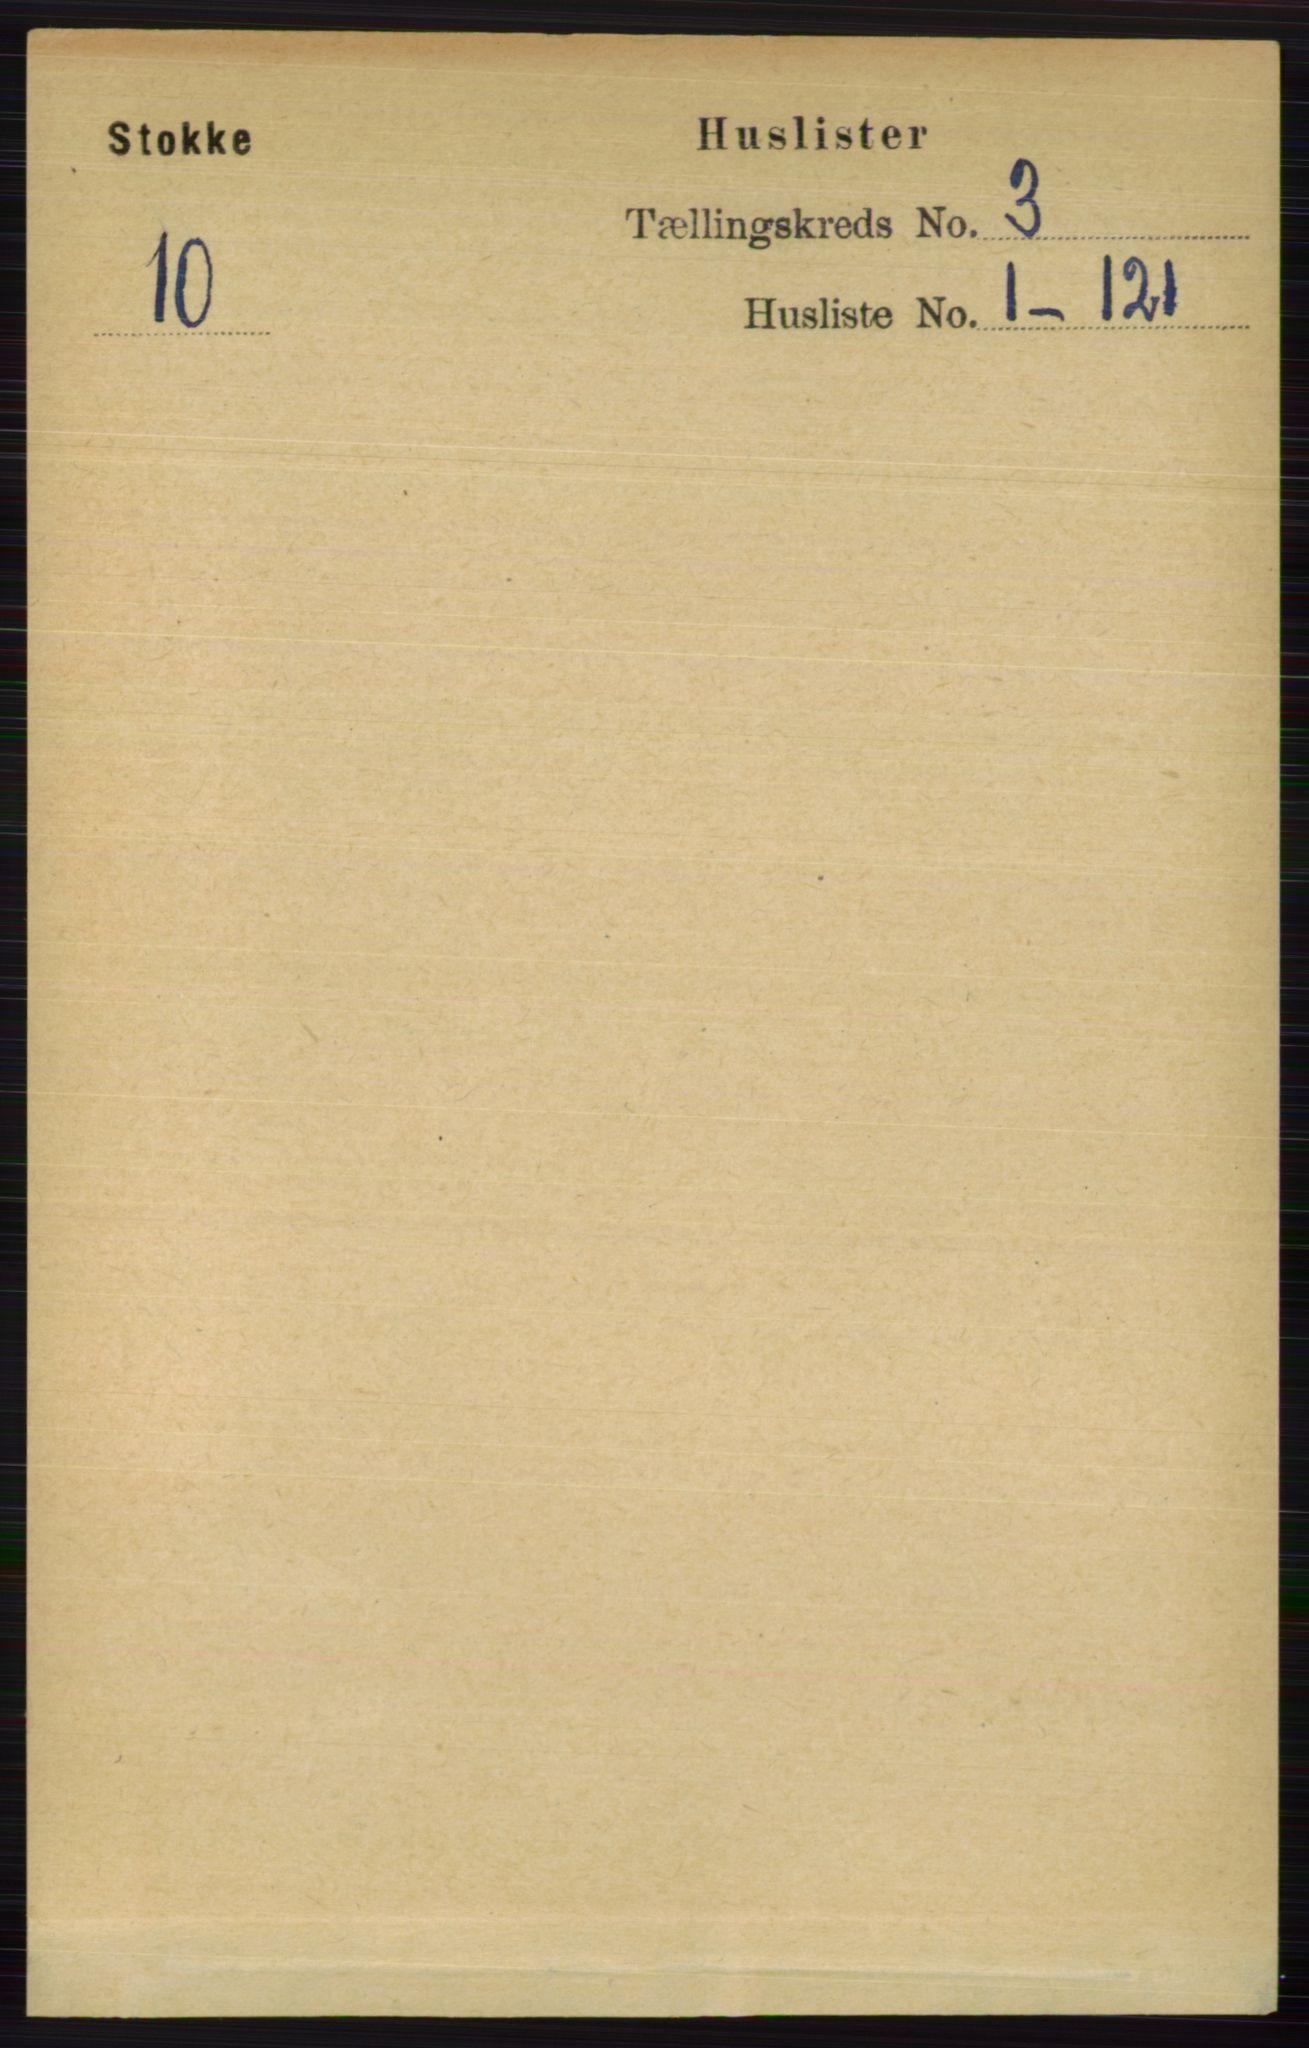 RA, Folketelling 1891 for 0720 Stokke herred, 1891, s. 1435